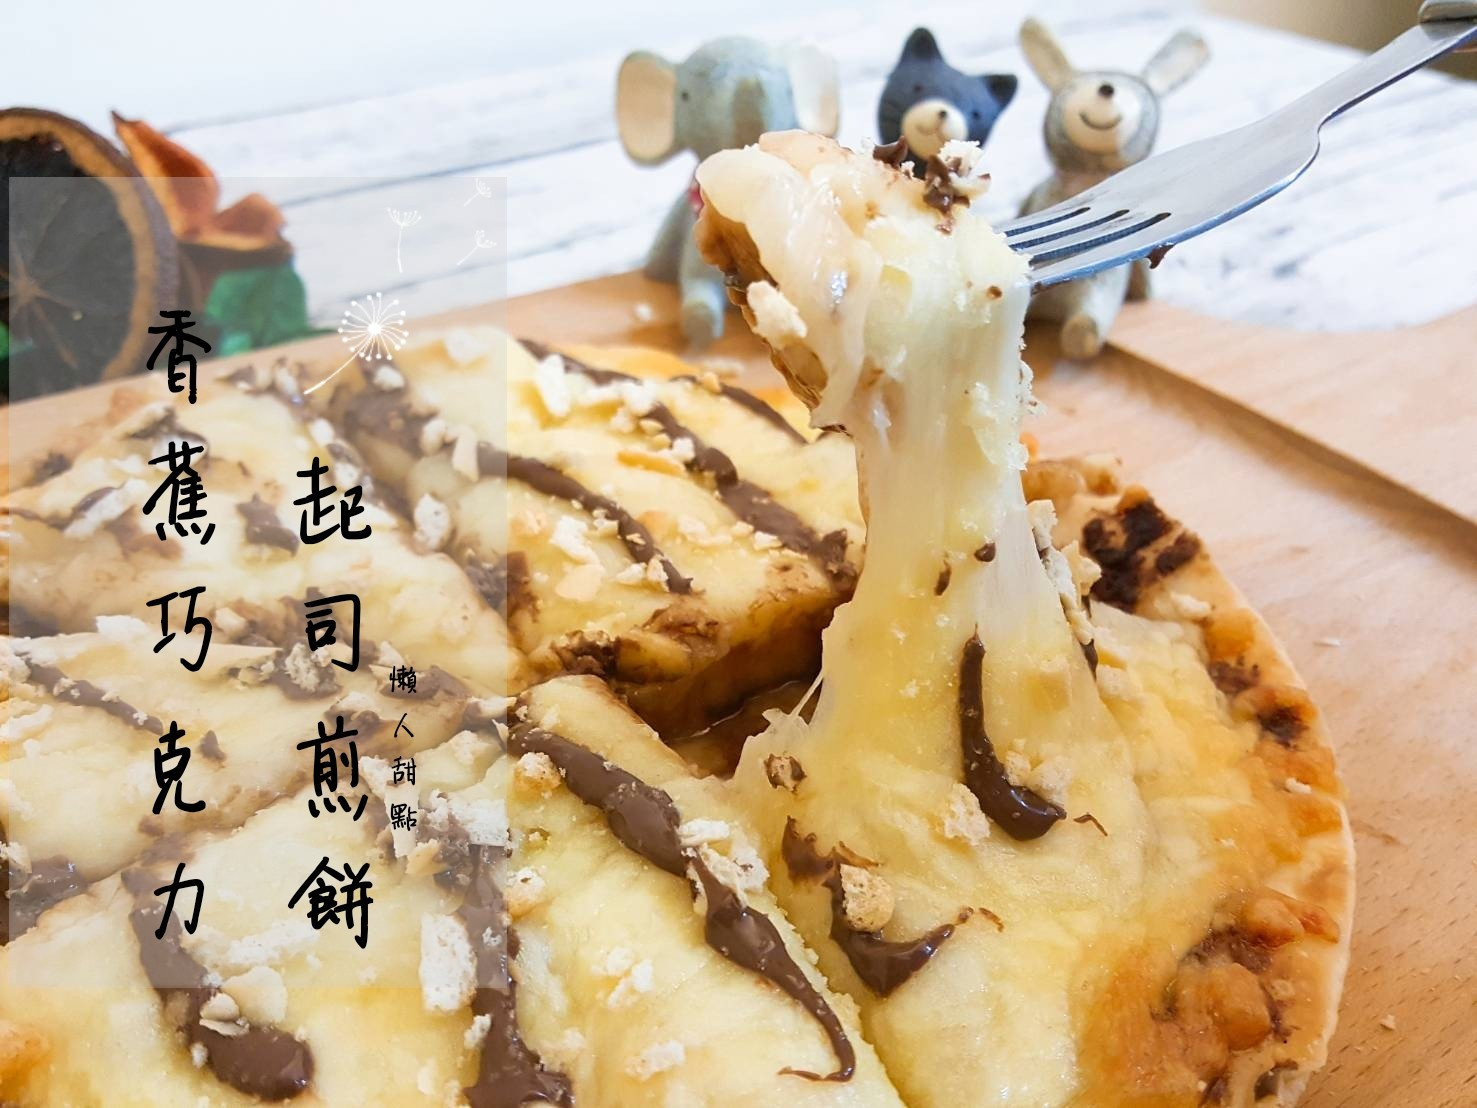 平底鍋甜點「香蕉巧克力起司煎餅」